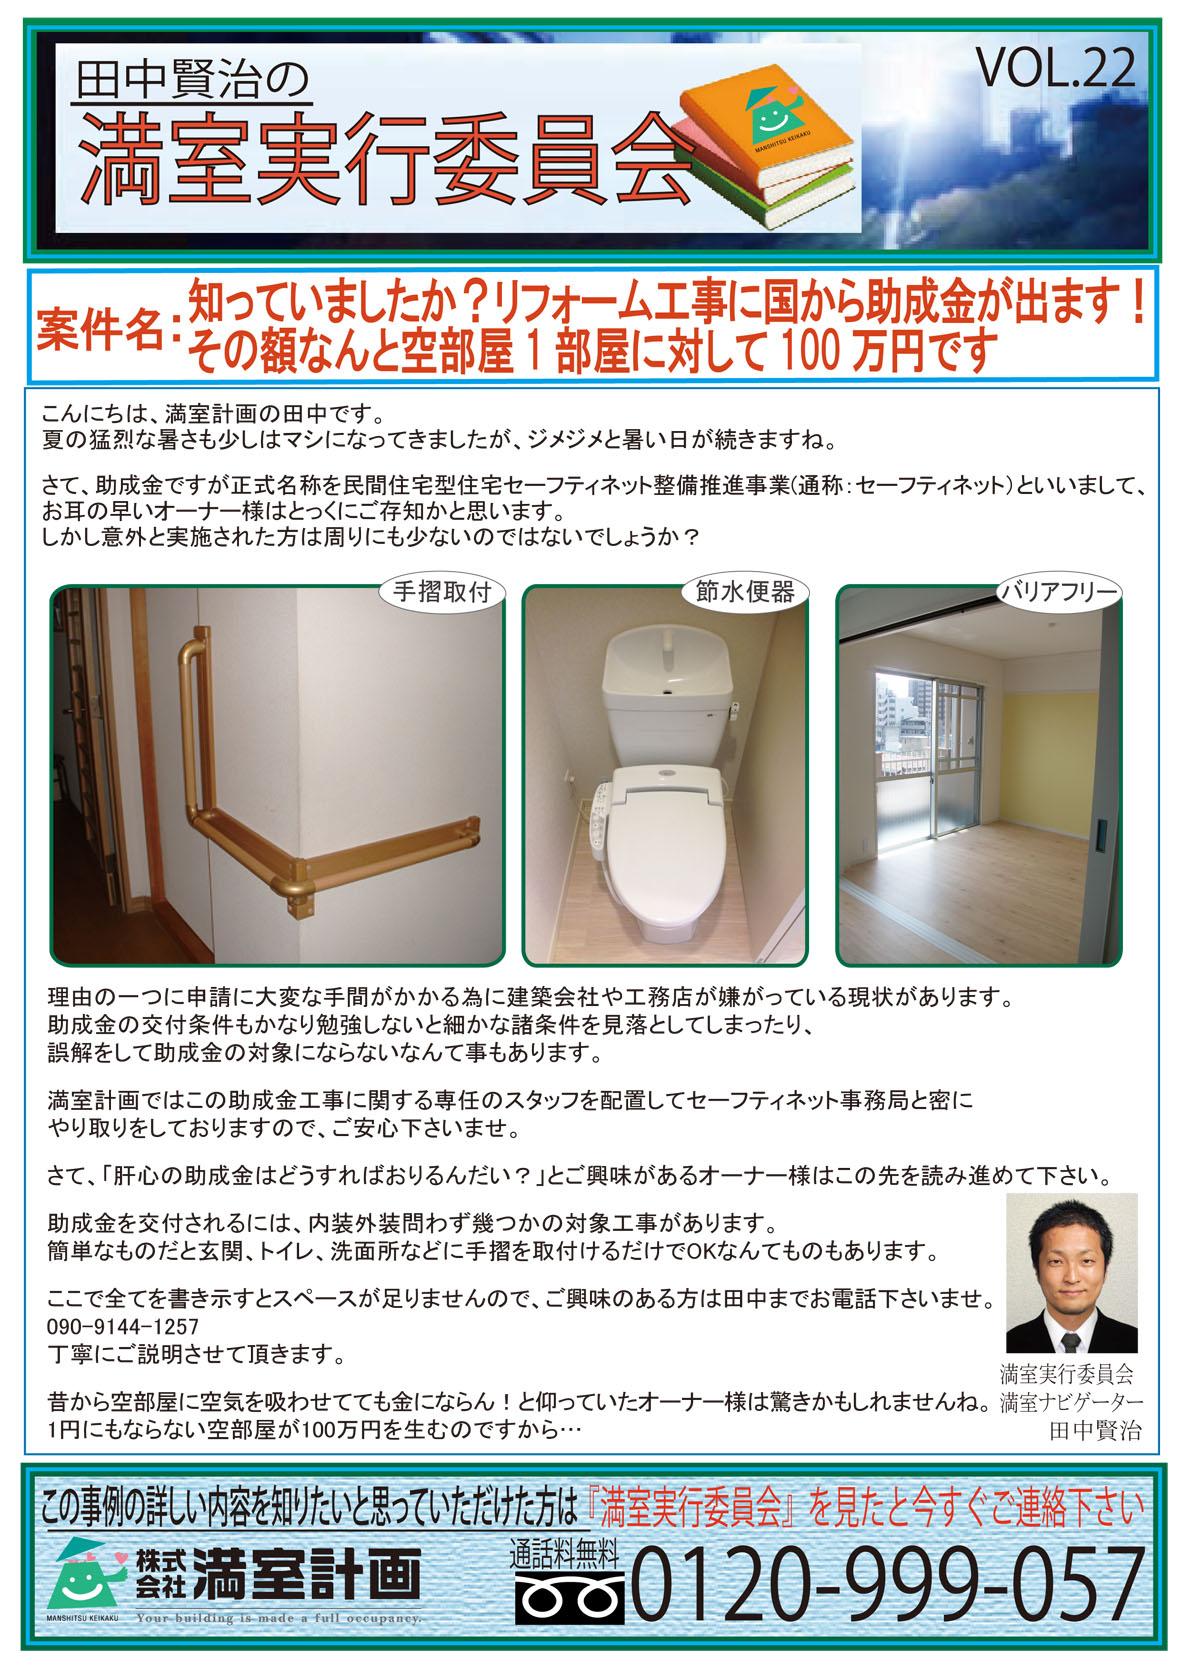 http://www.mansitu.jp/staff/vor22.jpg